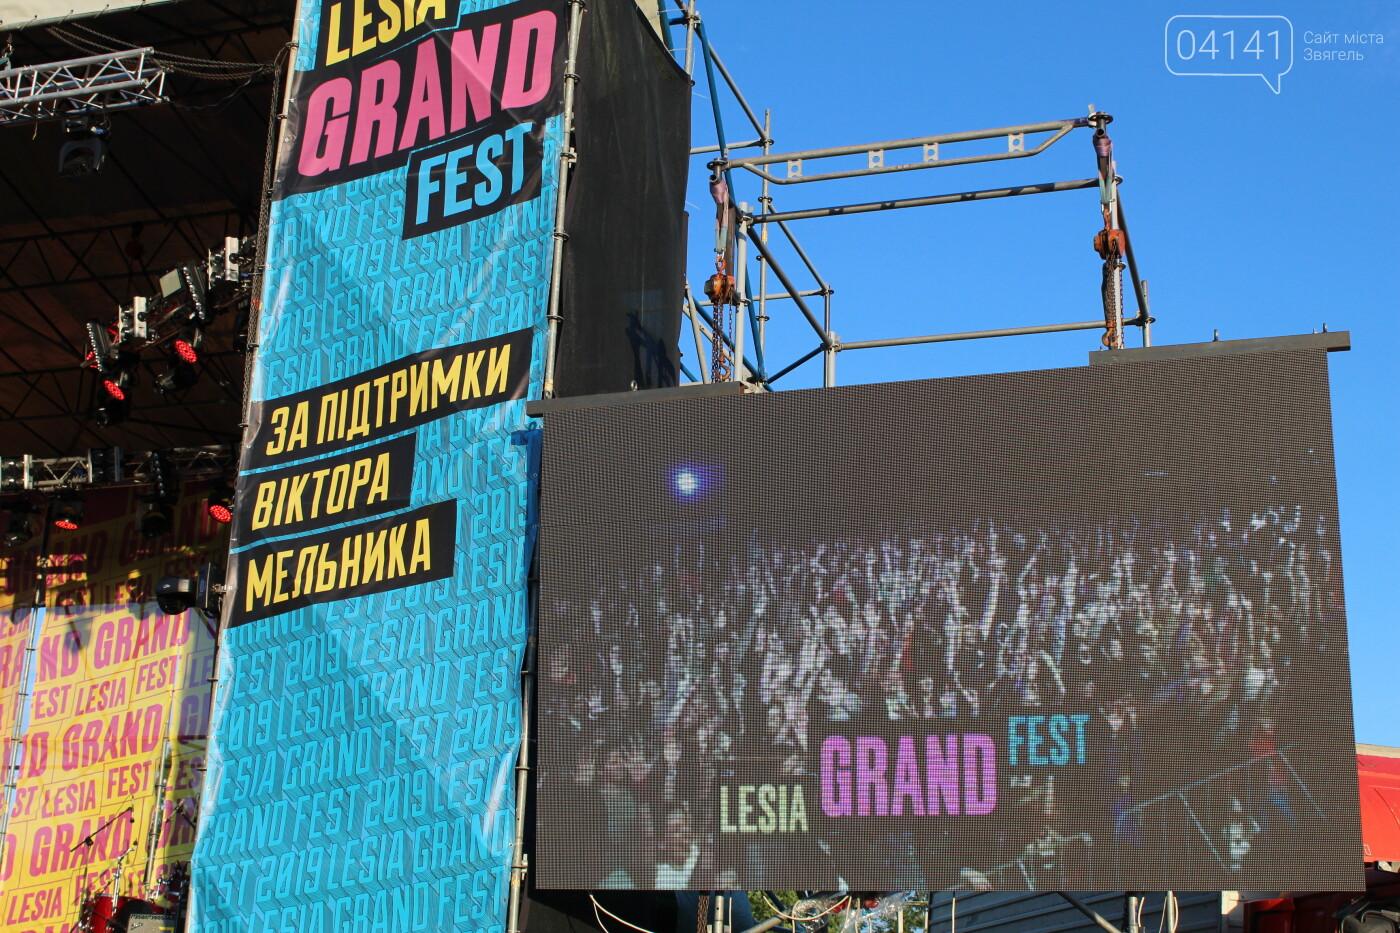 """День другий: Король сцени - репер ХАС та неймовірна лірика від """"Без обмежень"""" на Lesia Grand Fest, фото-11"""